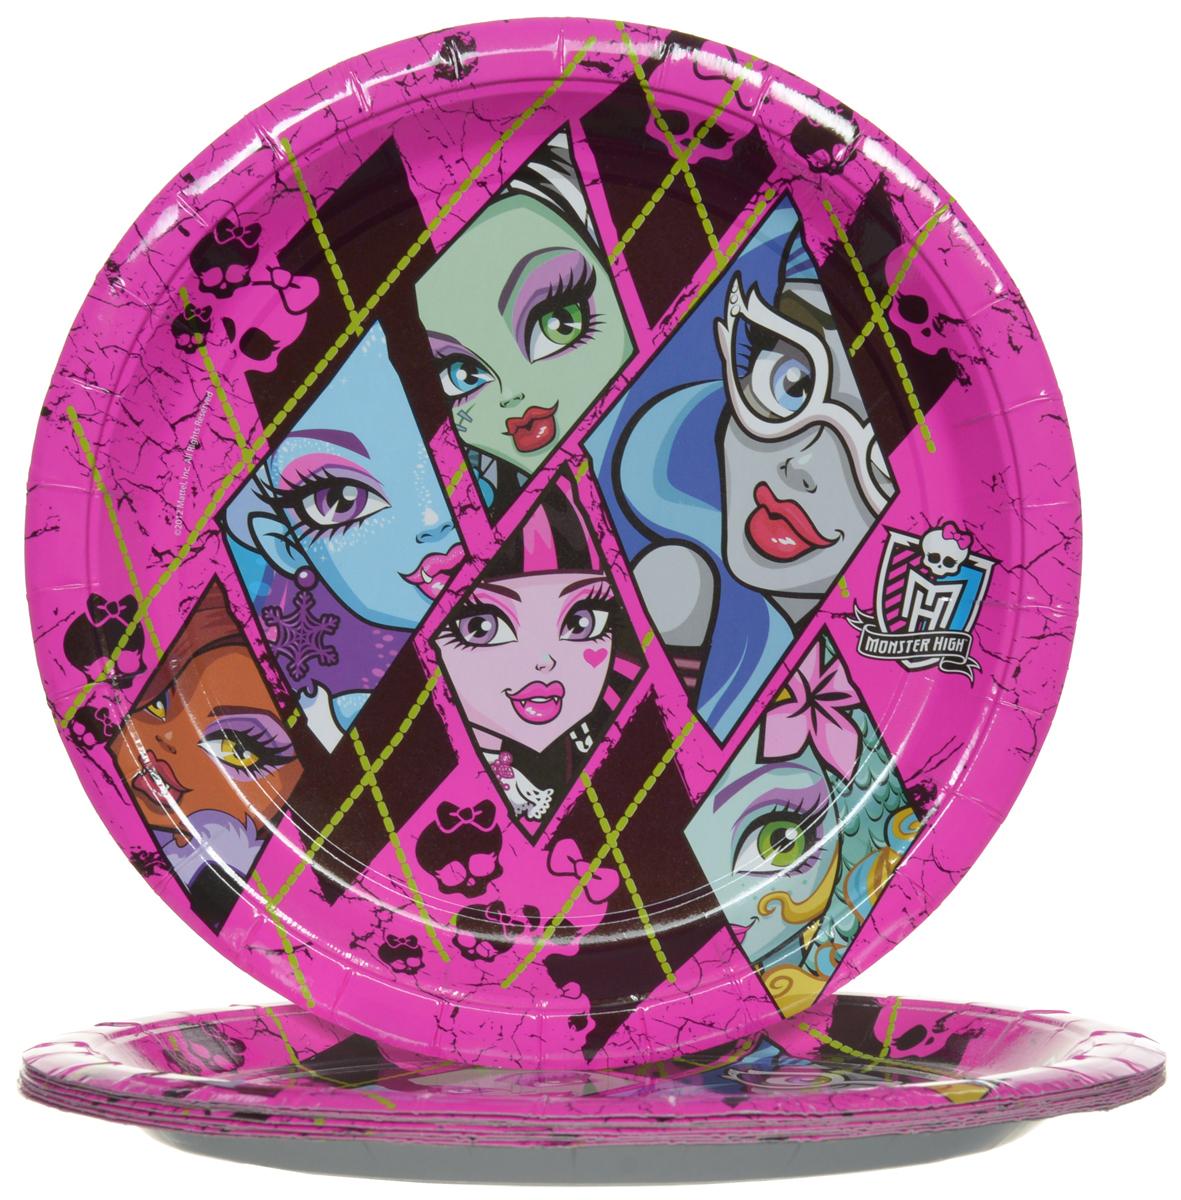 Monster High Набор одноразовых тарелок цвет розовый 10 шт -  Сервировка праздничного стола